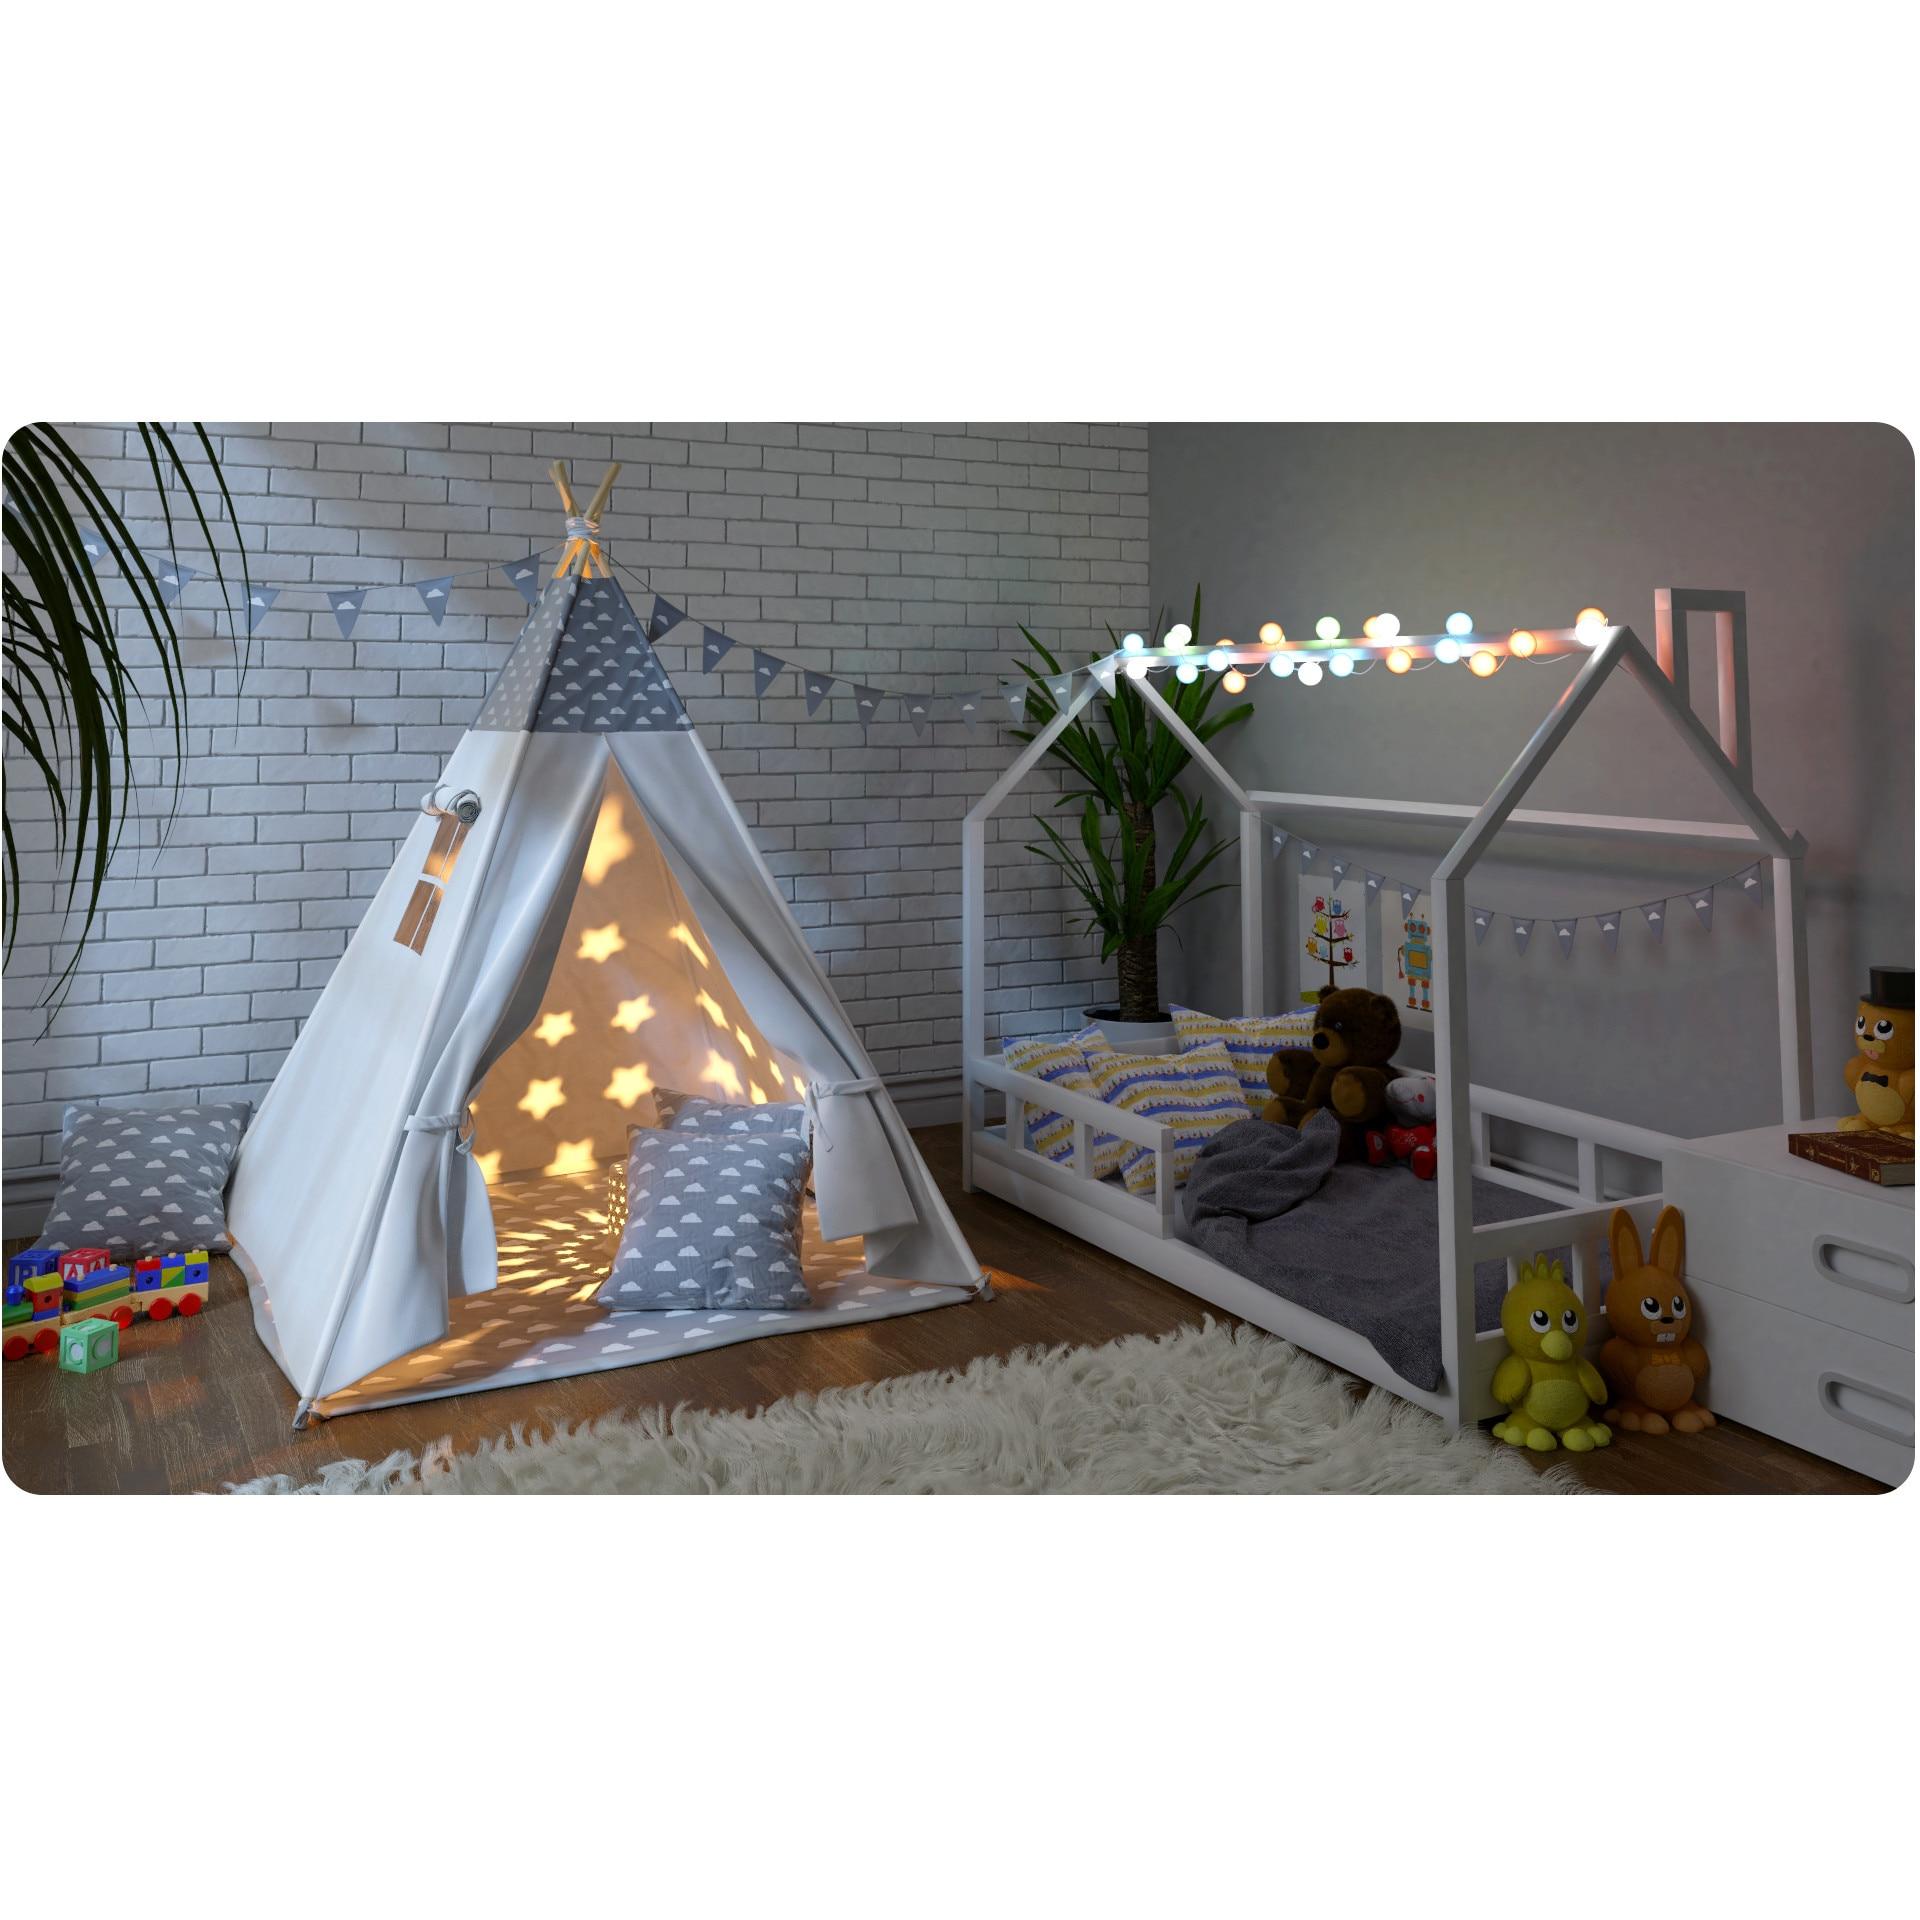 Ricokids, TIPI namiot dla dzieci WIGWAM TEEPEE z poduszkami chmurki +girlanda